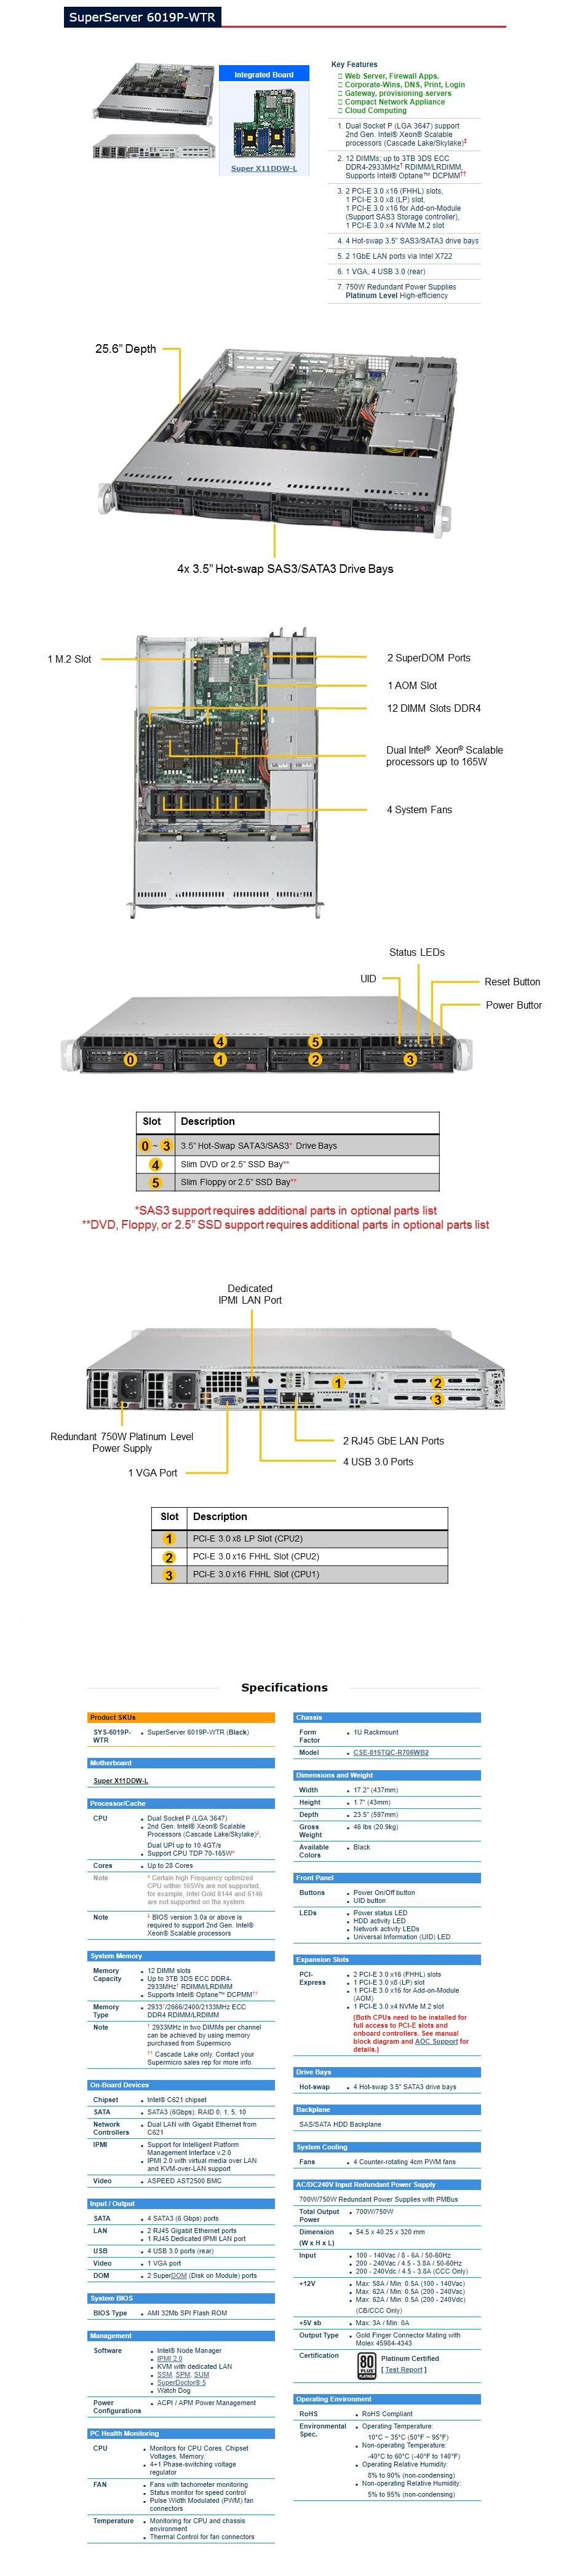 Supermicro SuperServer 6019P-WTR Barebone 1U CPU (0/2) RAM (0/12) HDD (0/4) - Overview 1